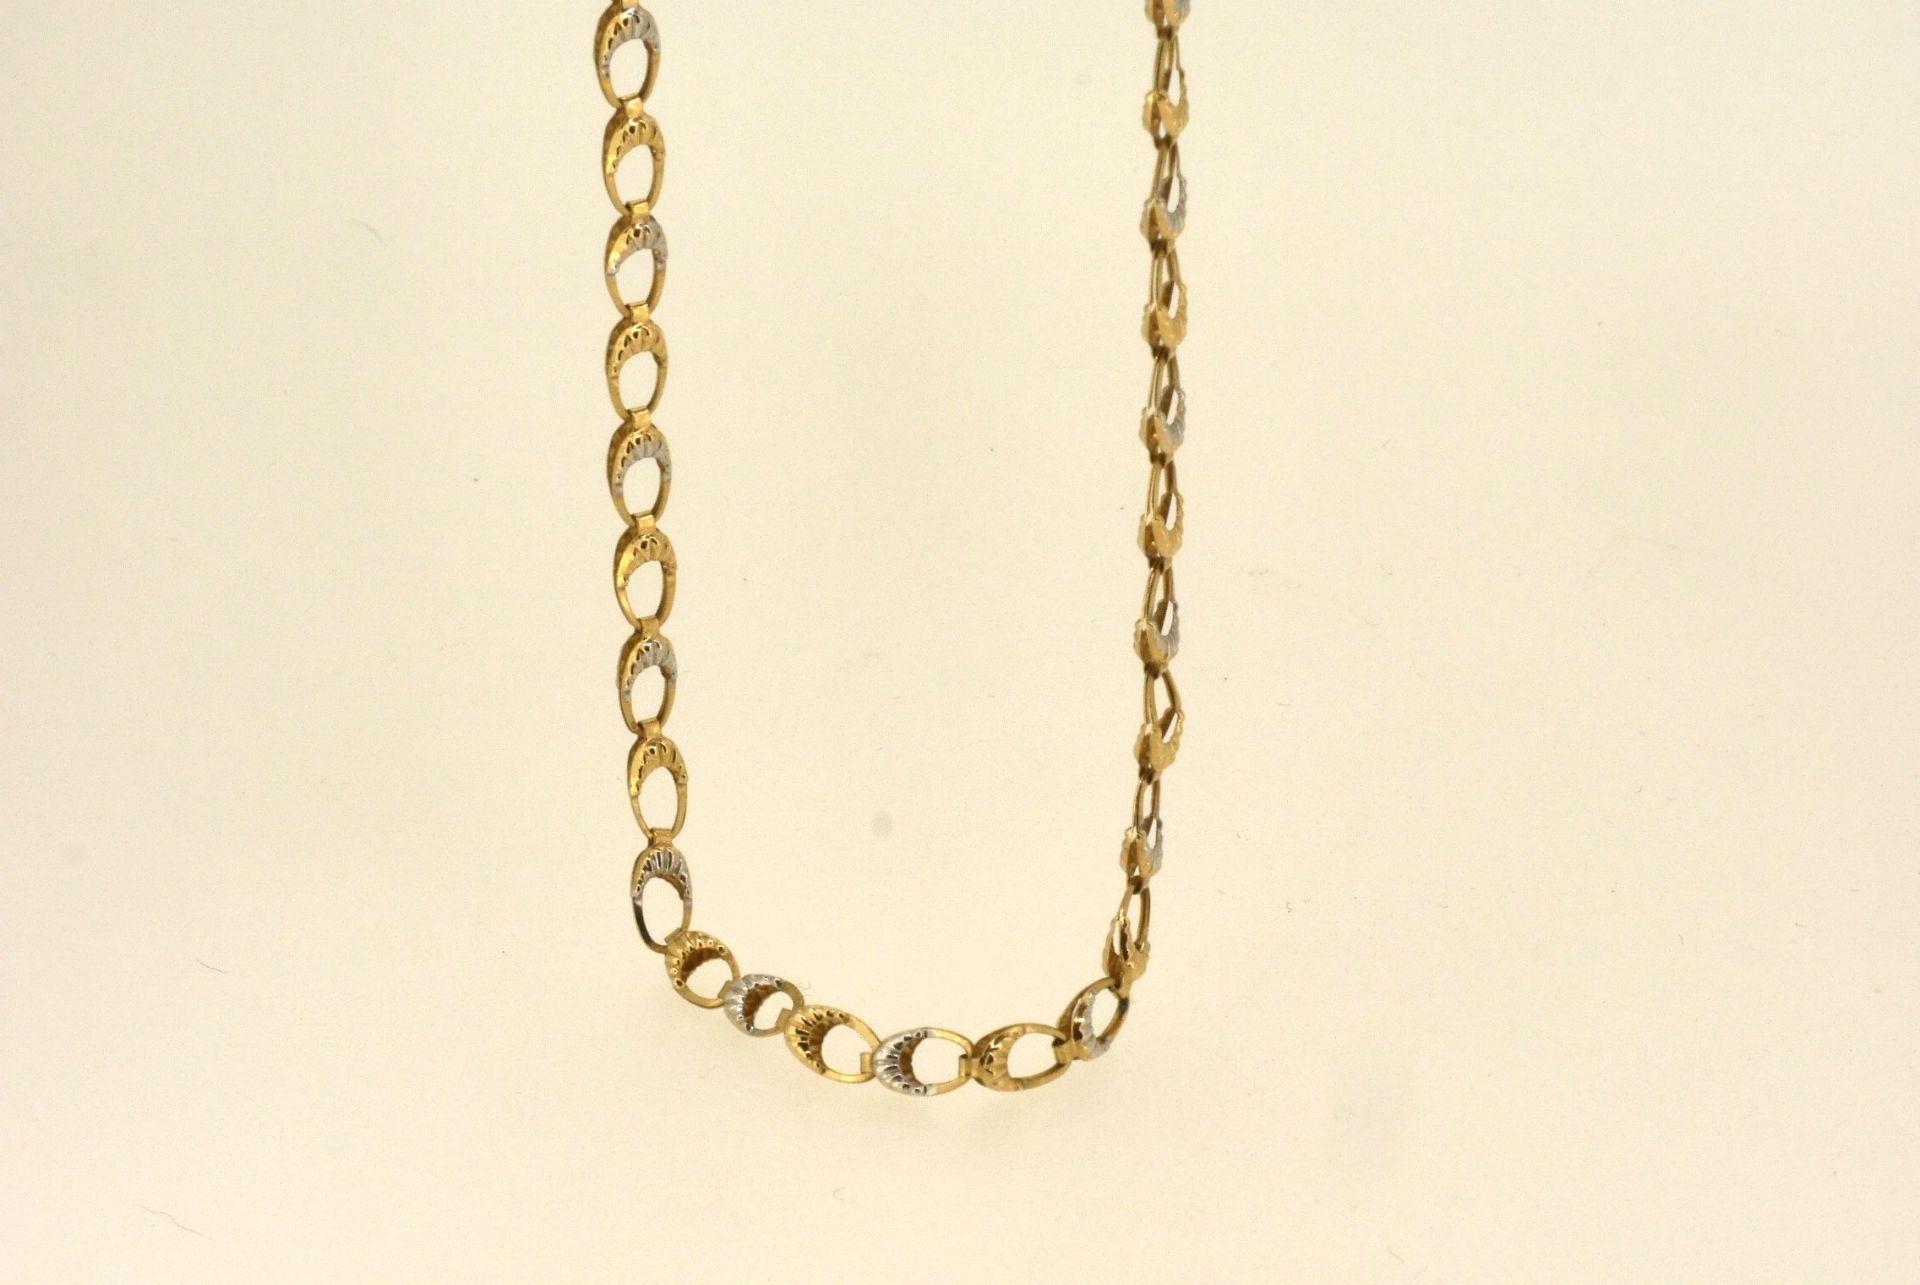 Halskette GG 585, 49 cm, 3,8 Gramm